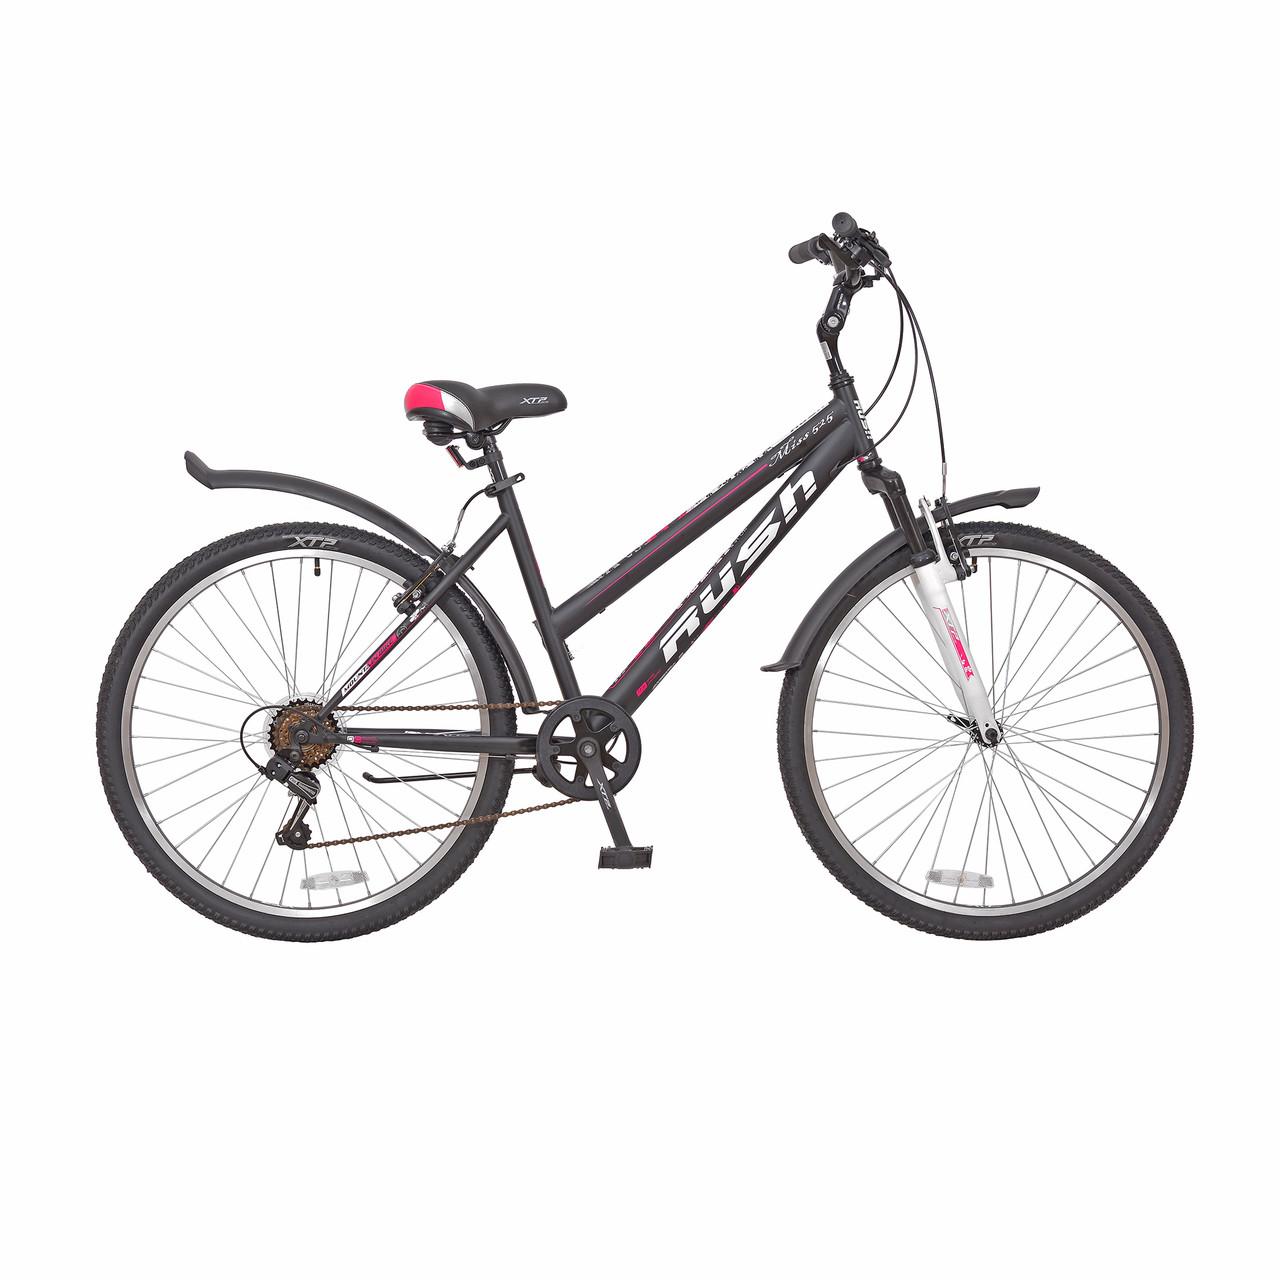 Какой велосипед лучше выбрать мужчине?